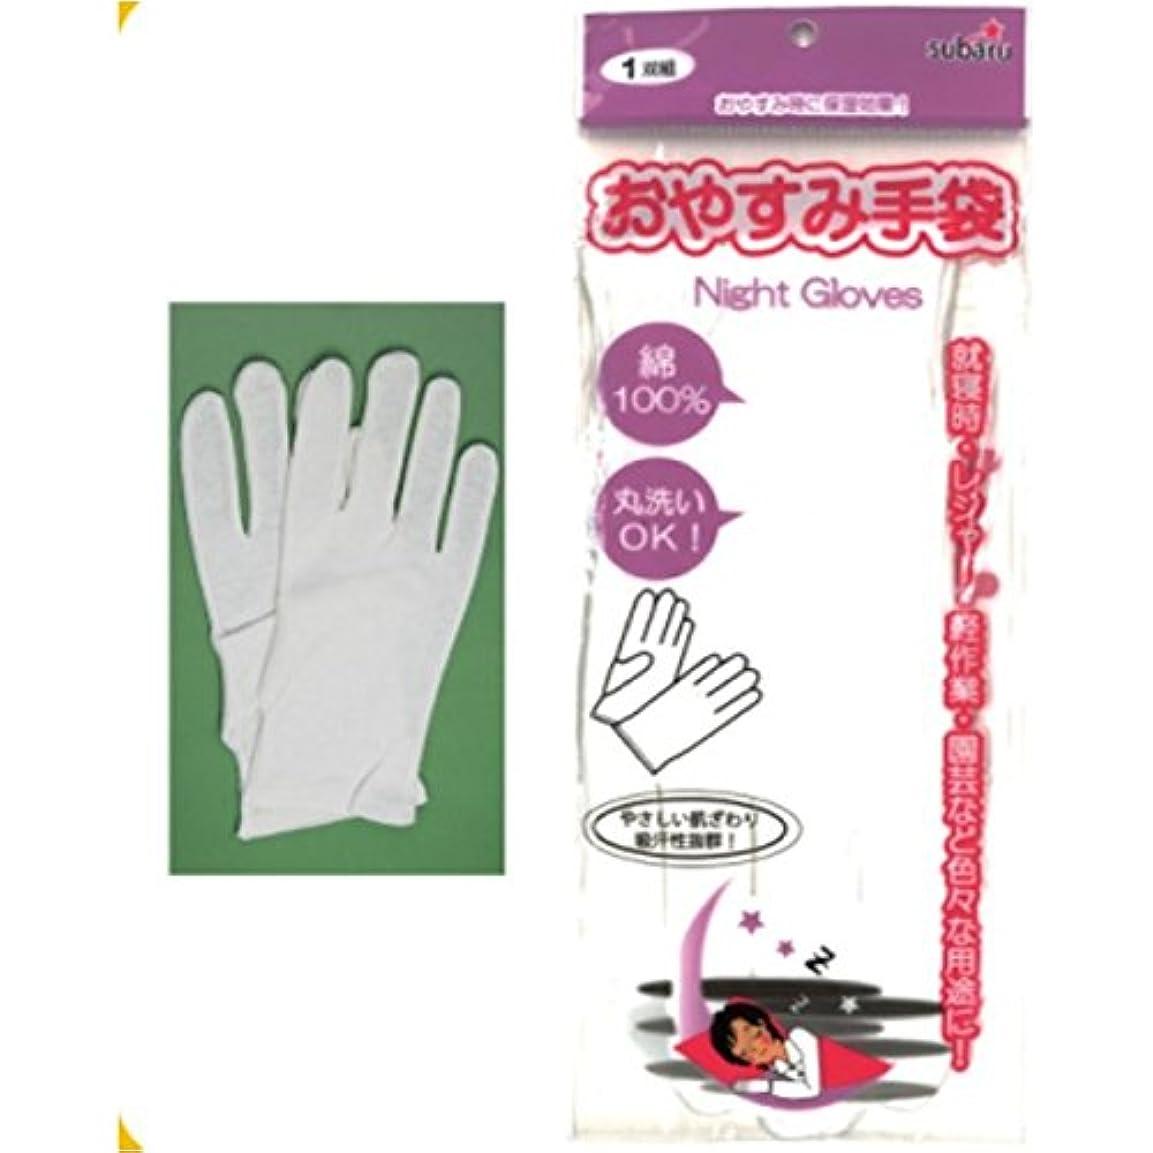 インチ拡張バルーンおやすみ手袋 (12個セット) 227-08